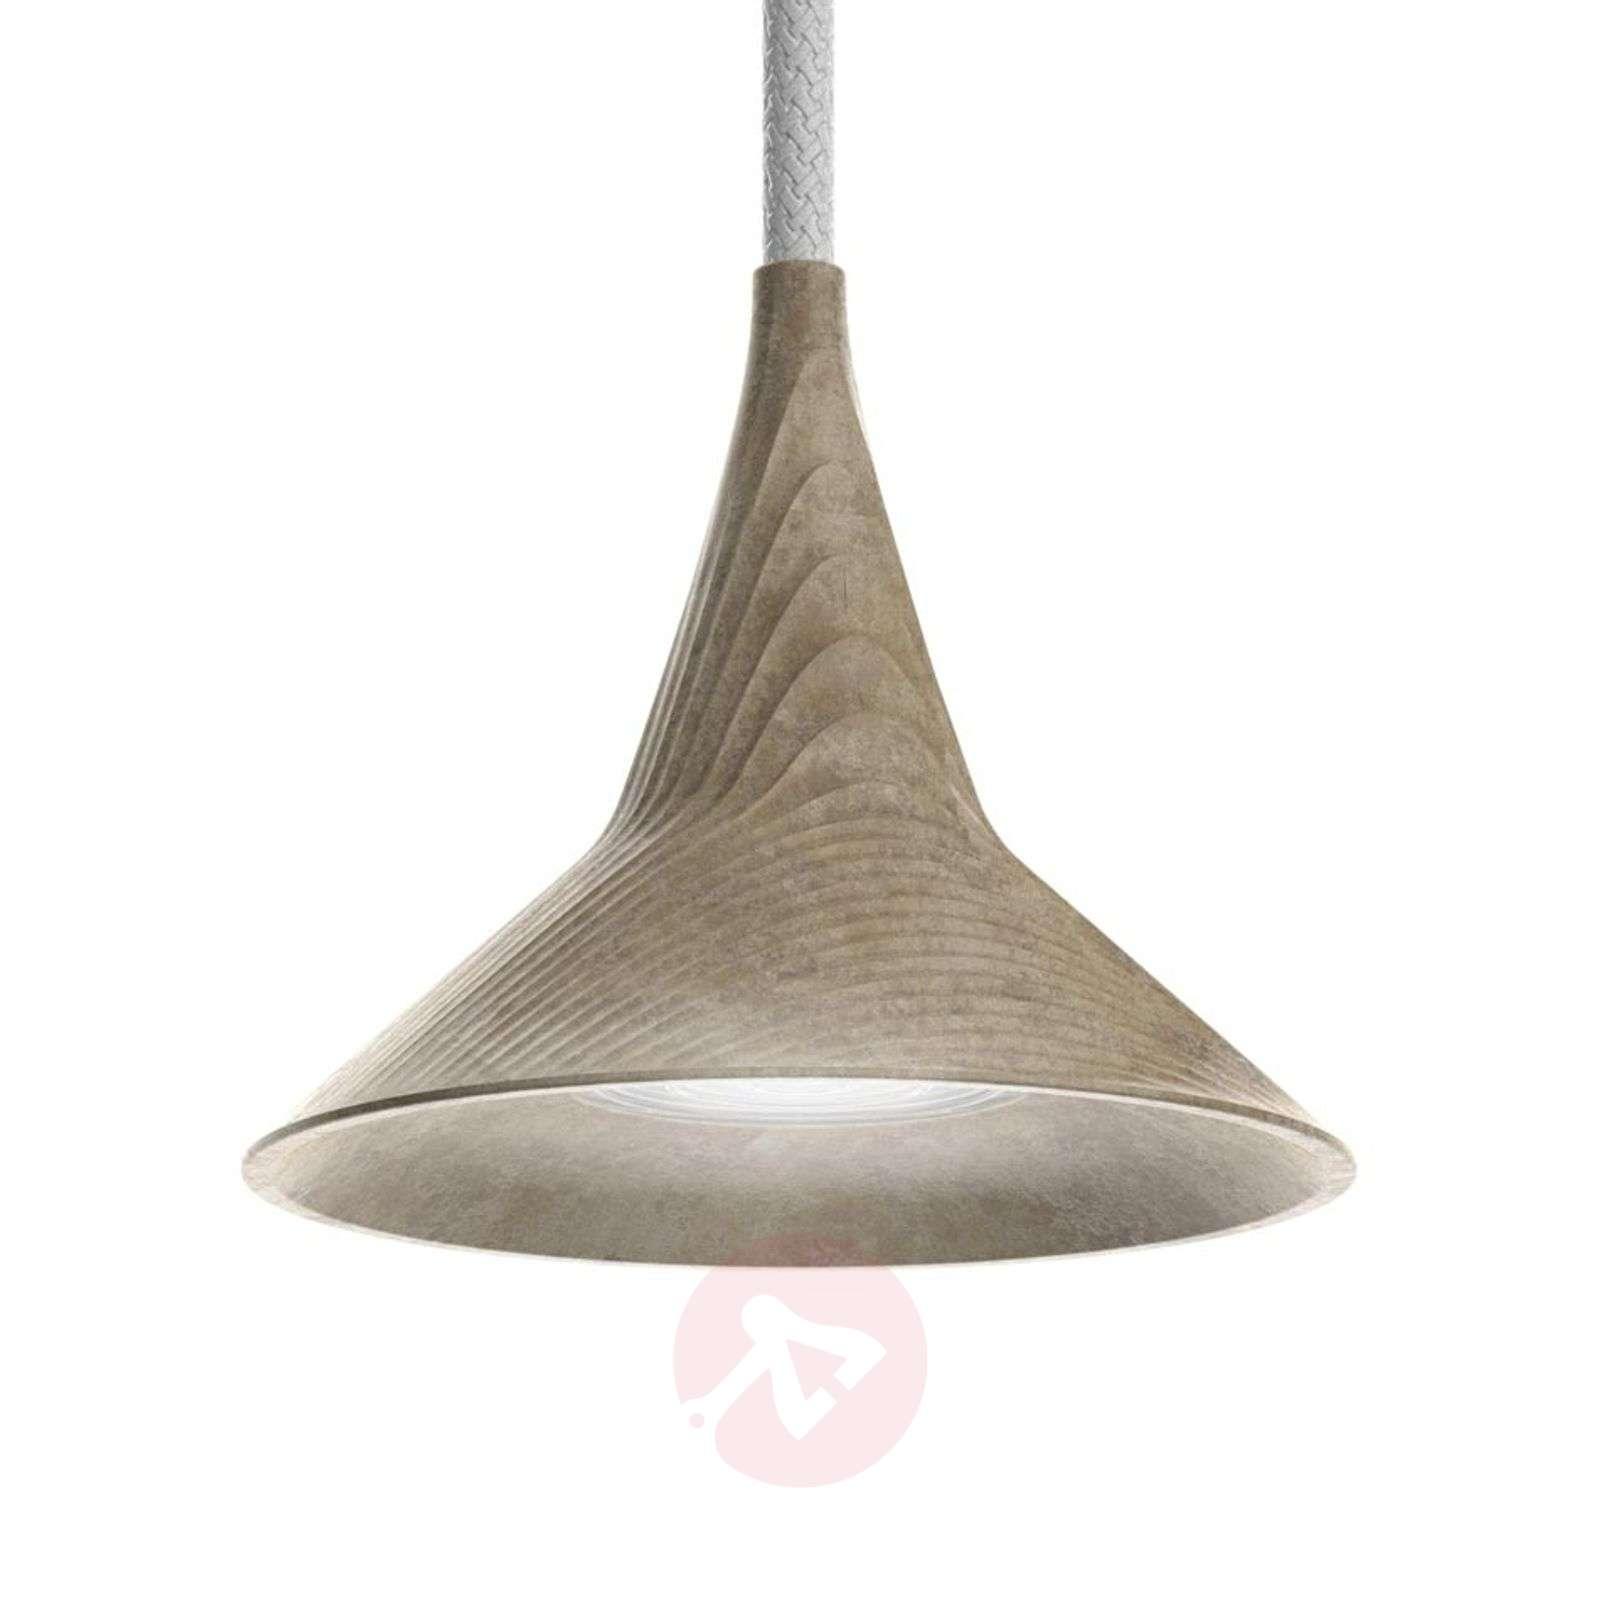 Artemide Unterlinden pendant light brass 3,000 K-1060140-01